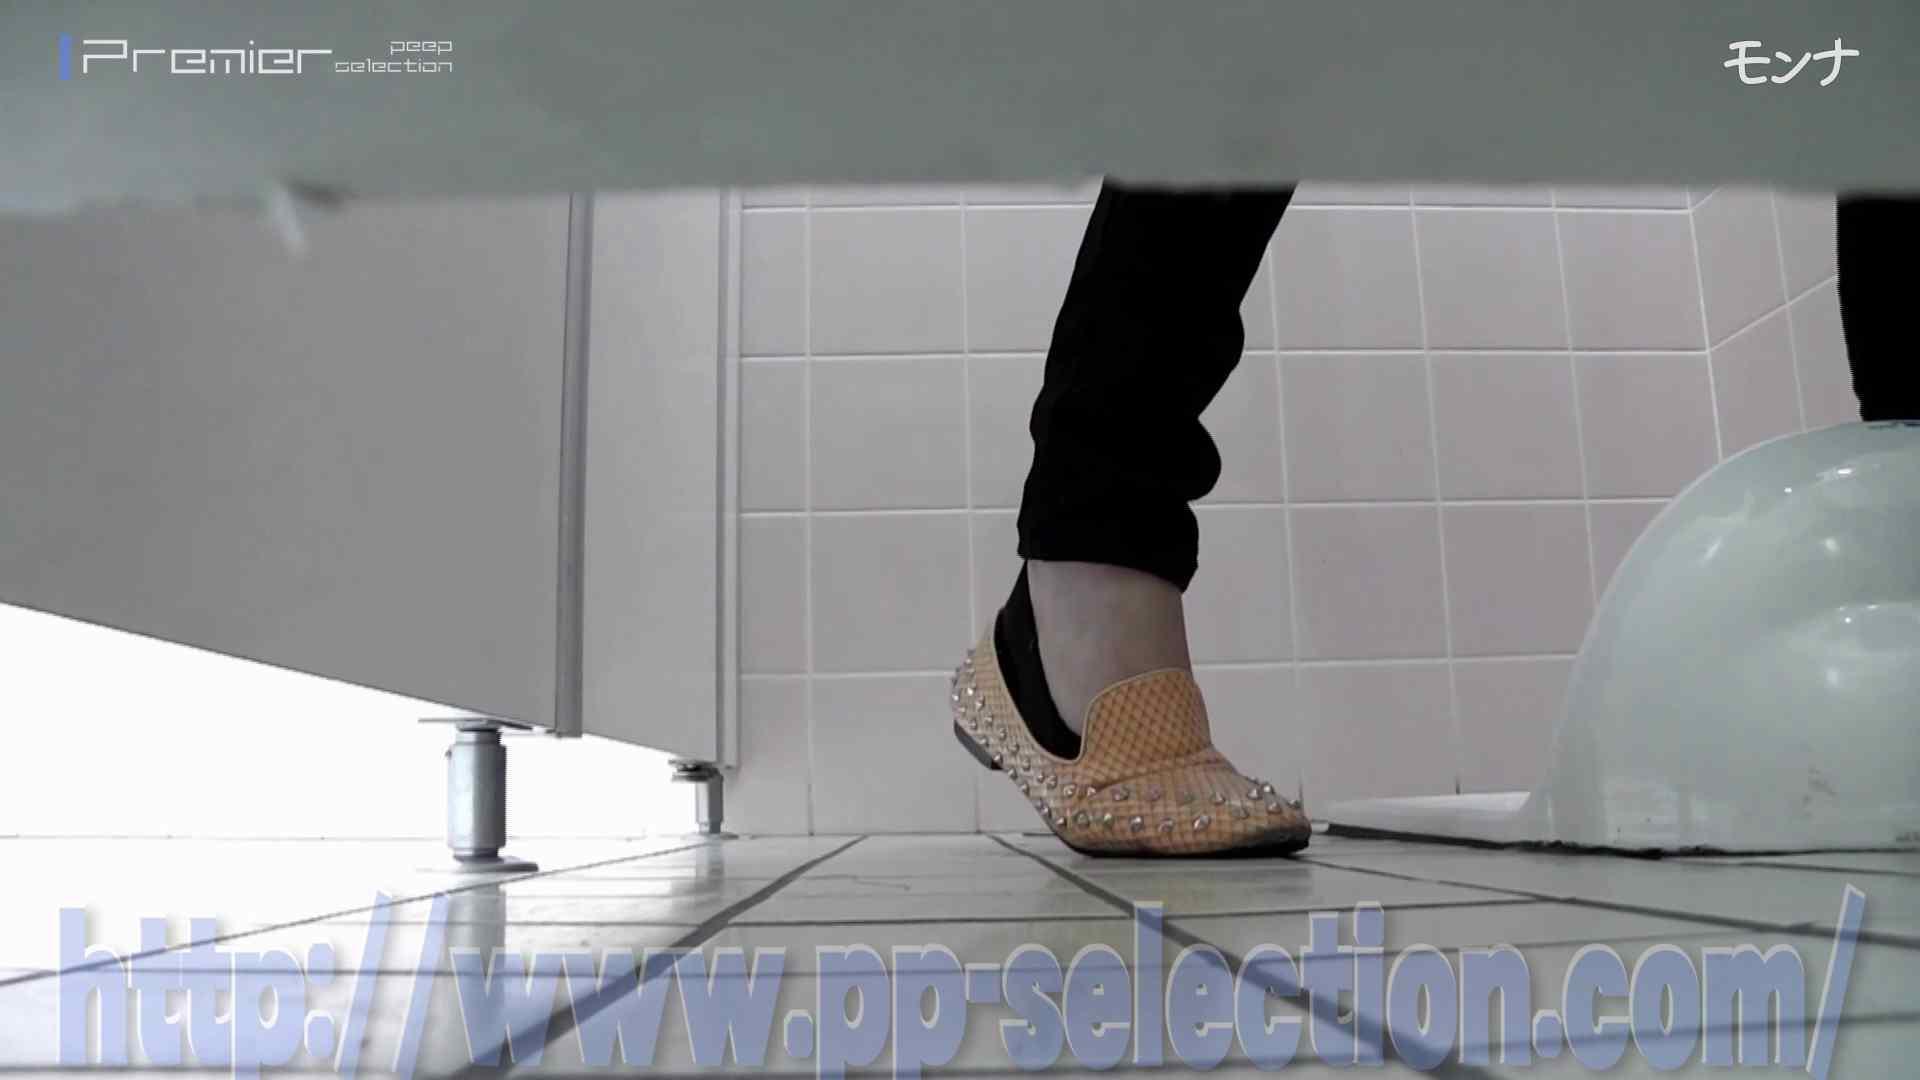 無修正エロ動画 美しい日本の未来 No.58 【無料サンプル】 怪盗ジョーカー